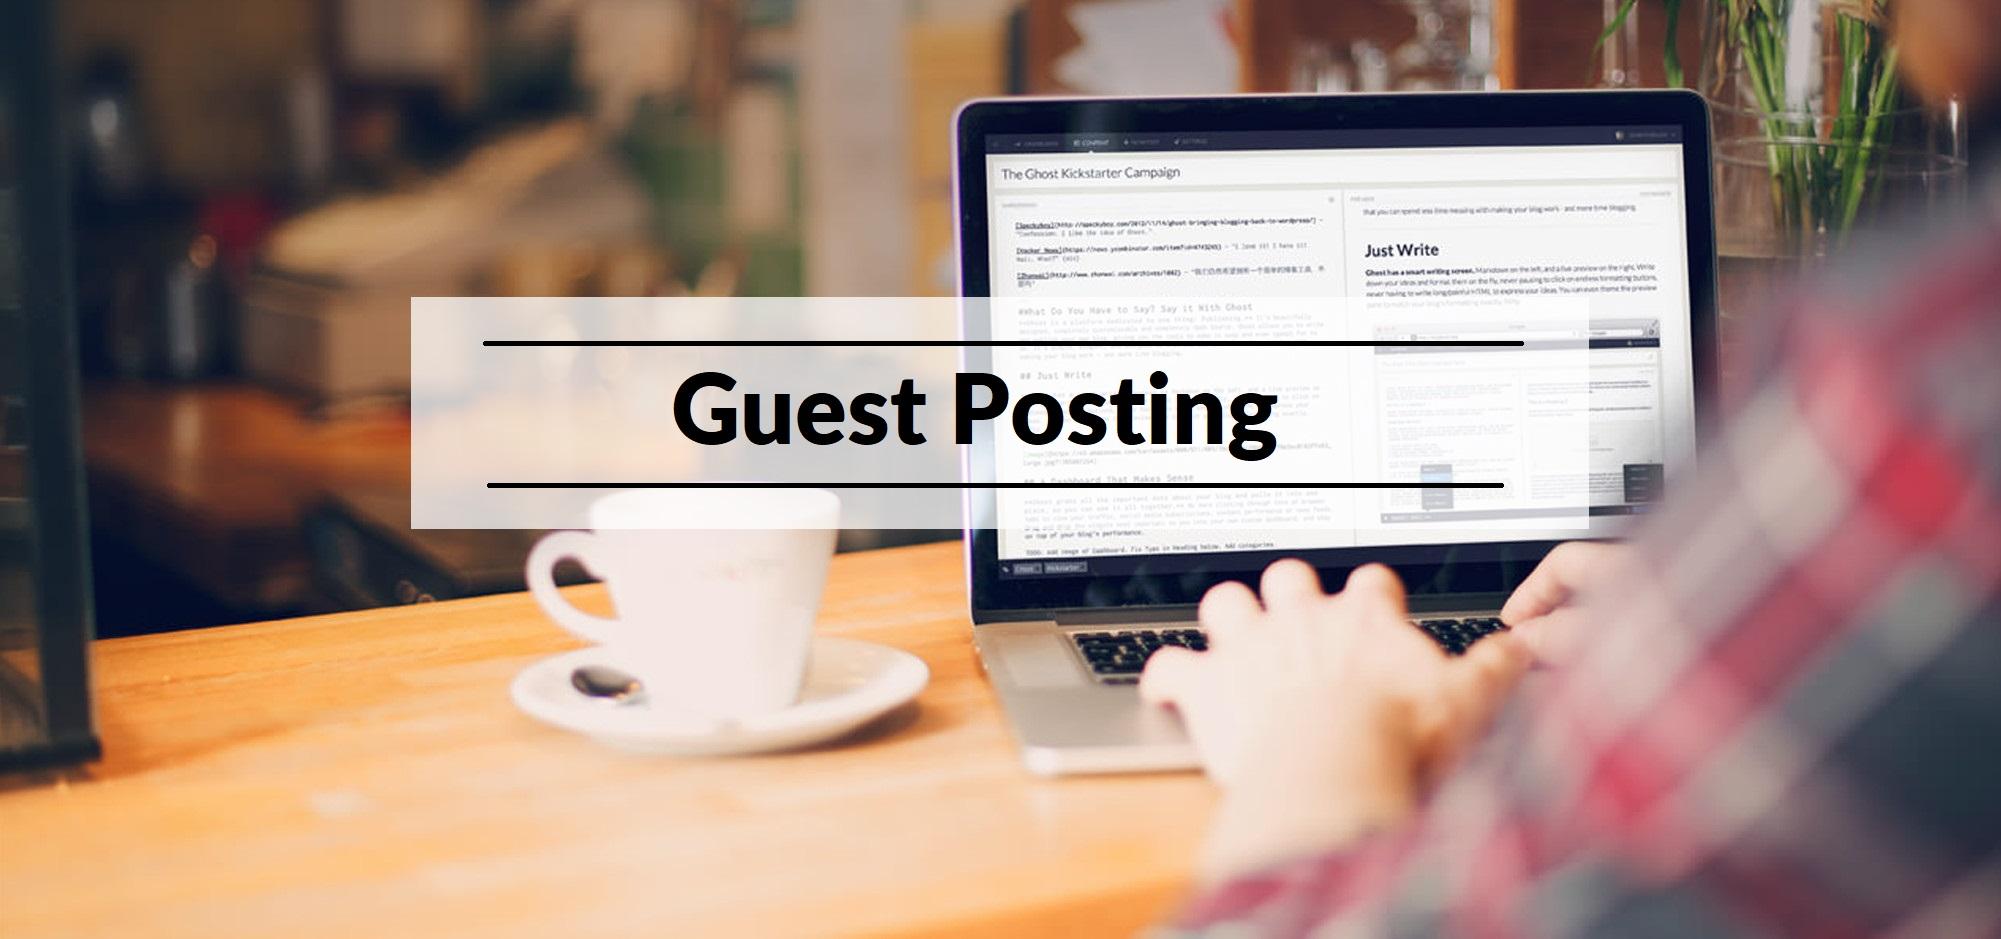 5 Pelajaran Besar Dari Pengalaman Menulis 43 Guest Post Dalam 3 Bulan